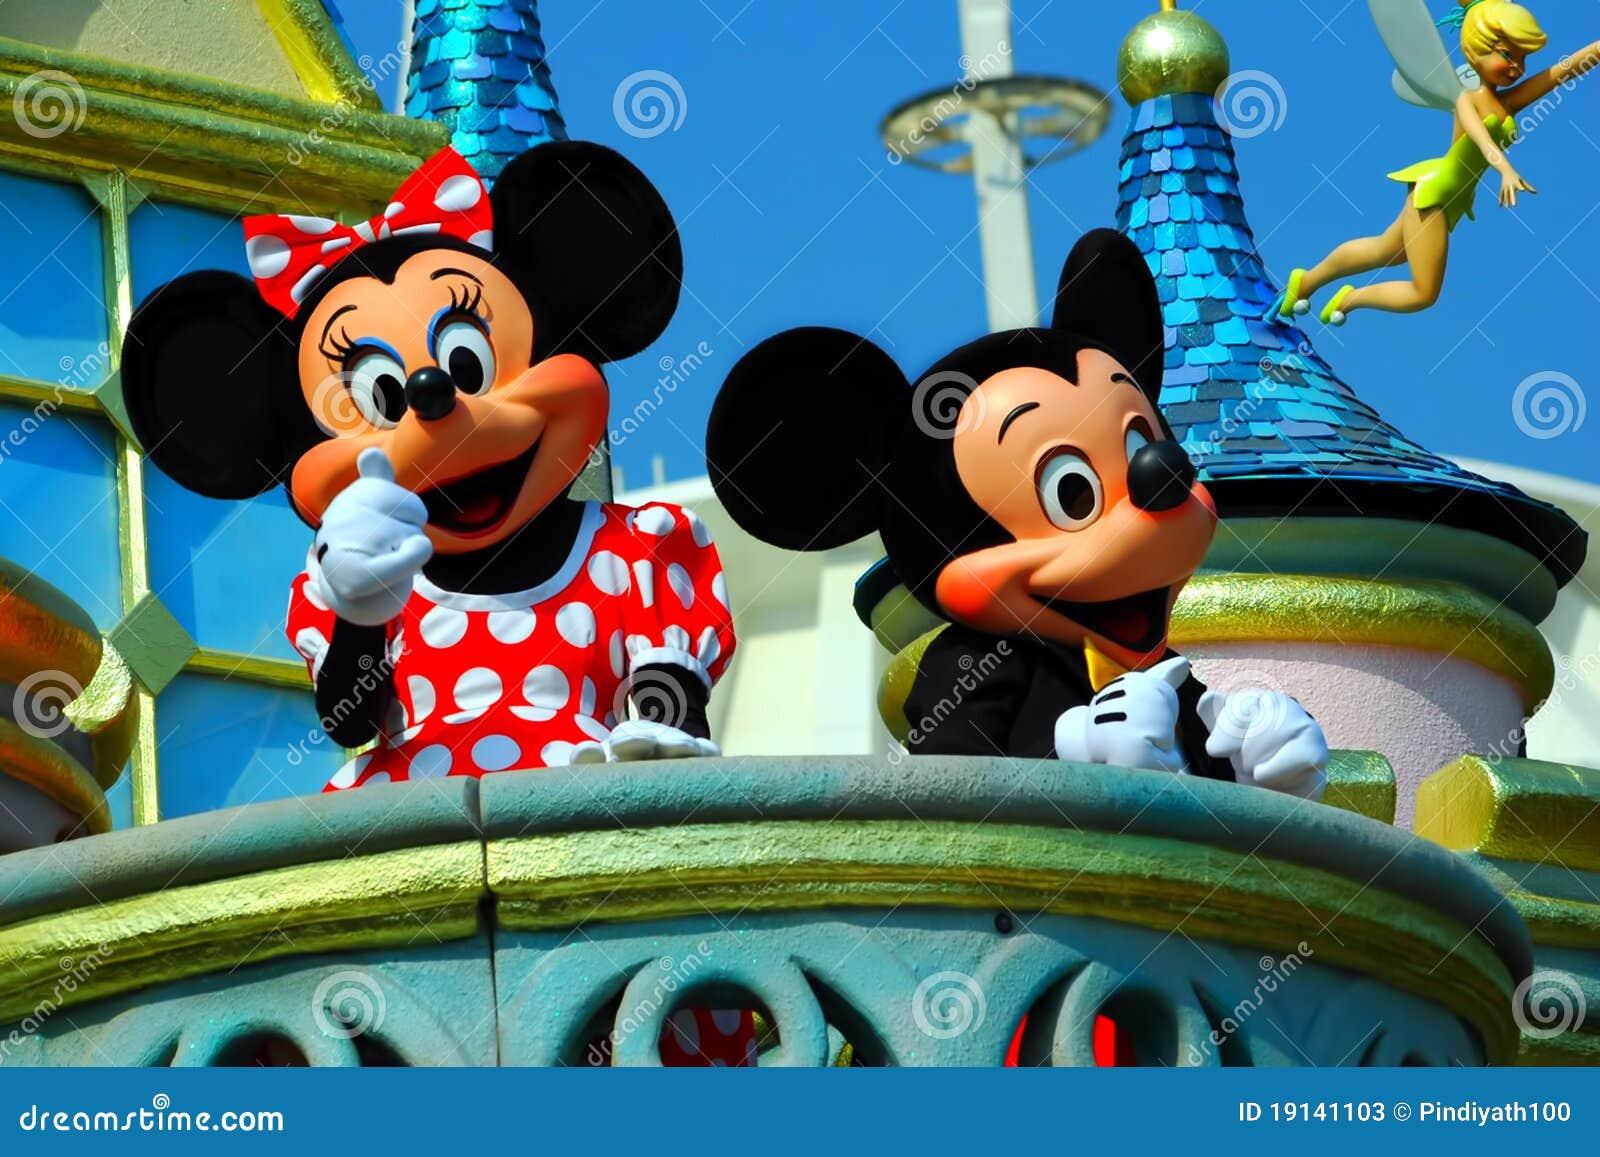 Mickey追击炮